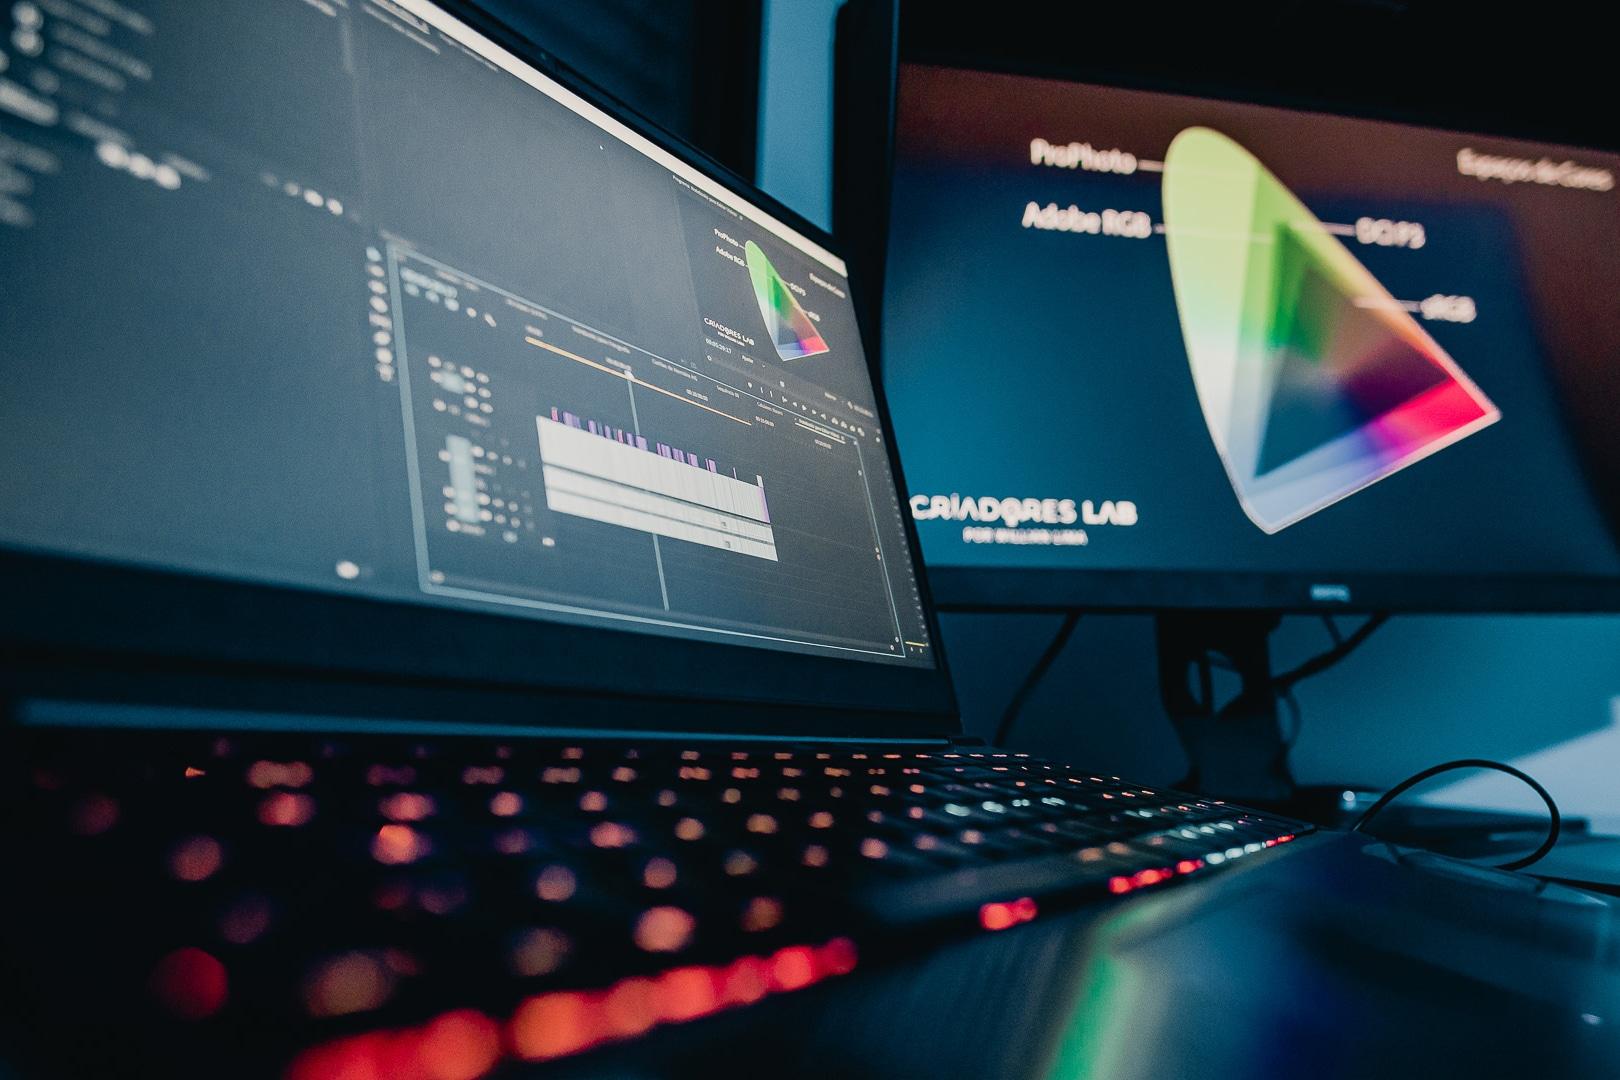 Melhores Notebooks para Edição de Videos em 2020